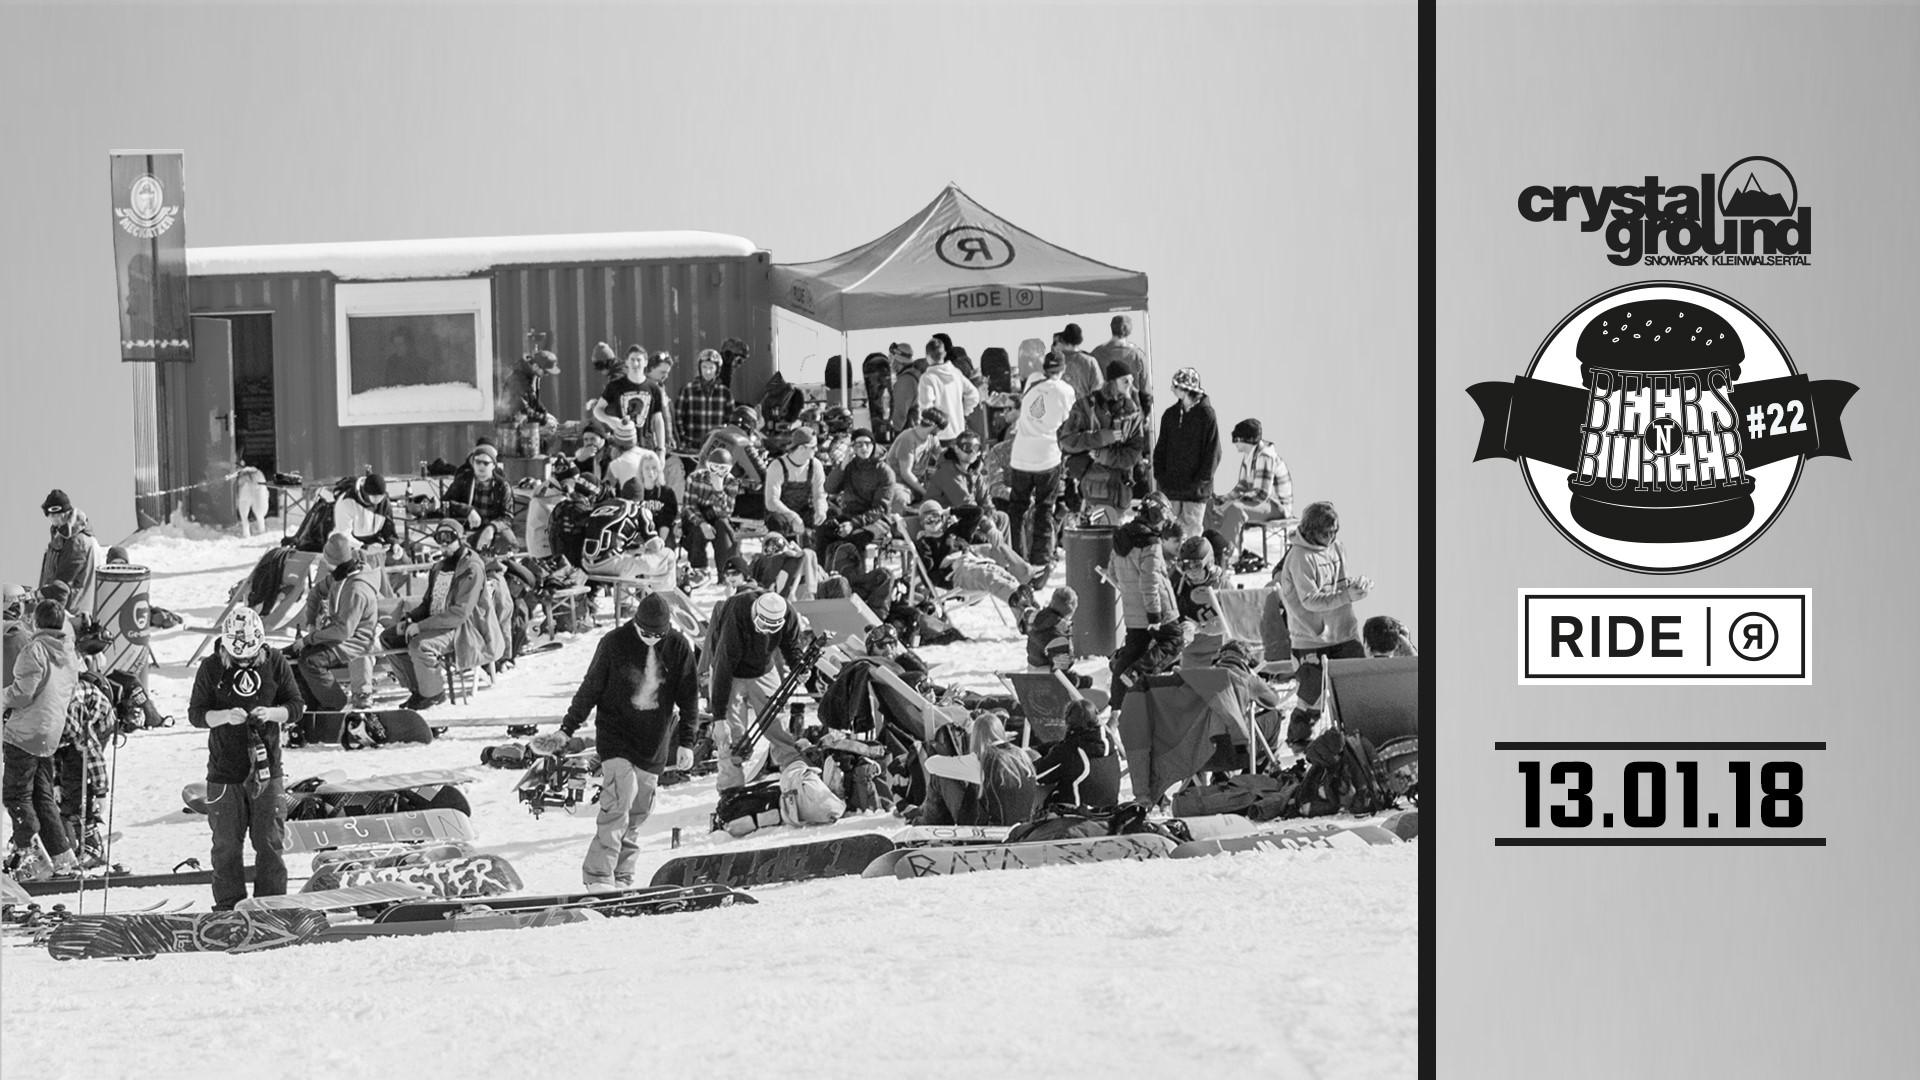 Die Beers'N'Burger Session ist zurück - Im Crystal Ground Snowpark (+ 7 Bilder vom Setup)